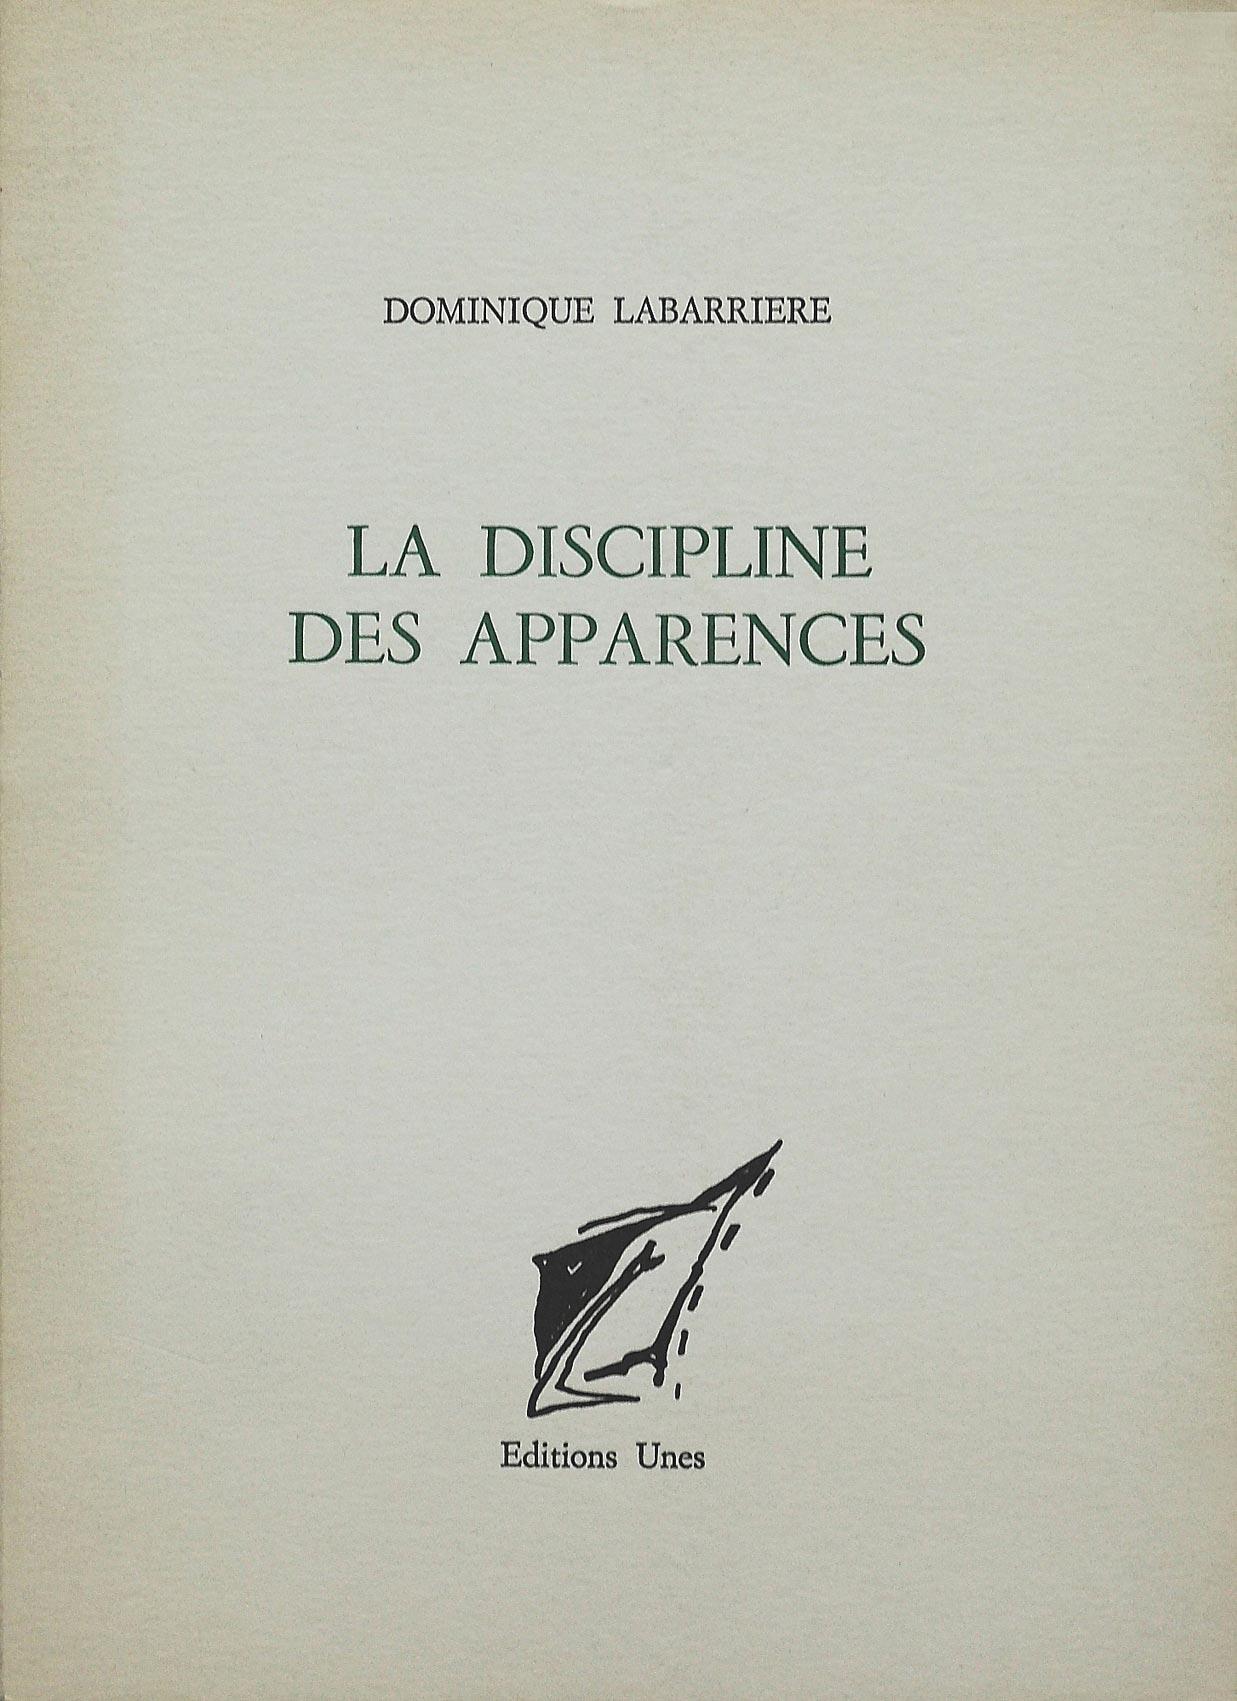 Dominique Labarrière,La discipline des apparences, Unes,1991